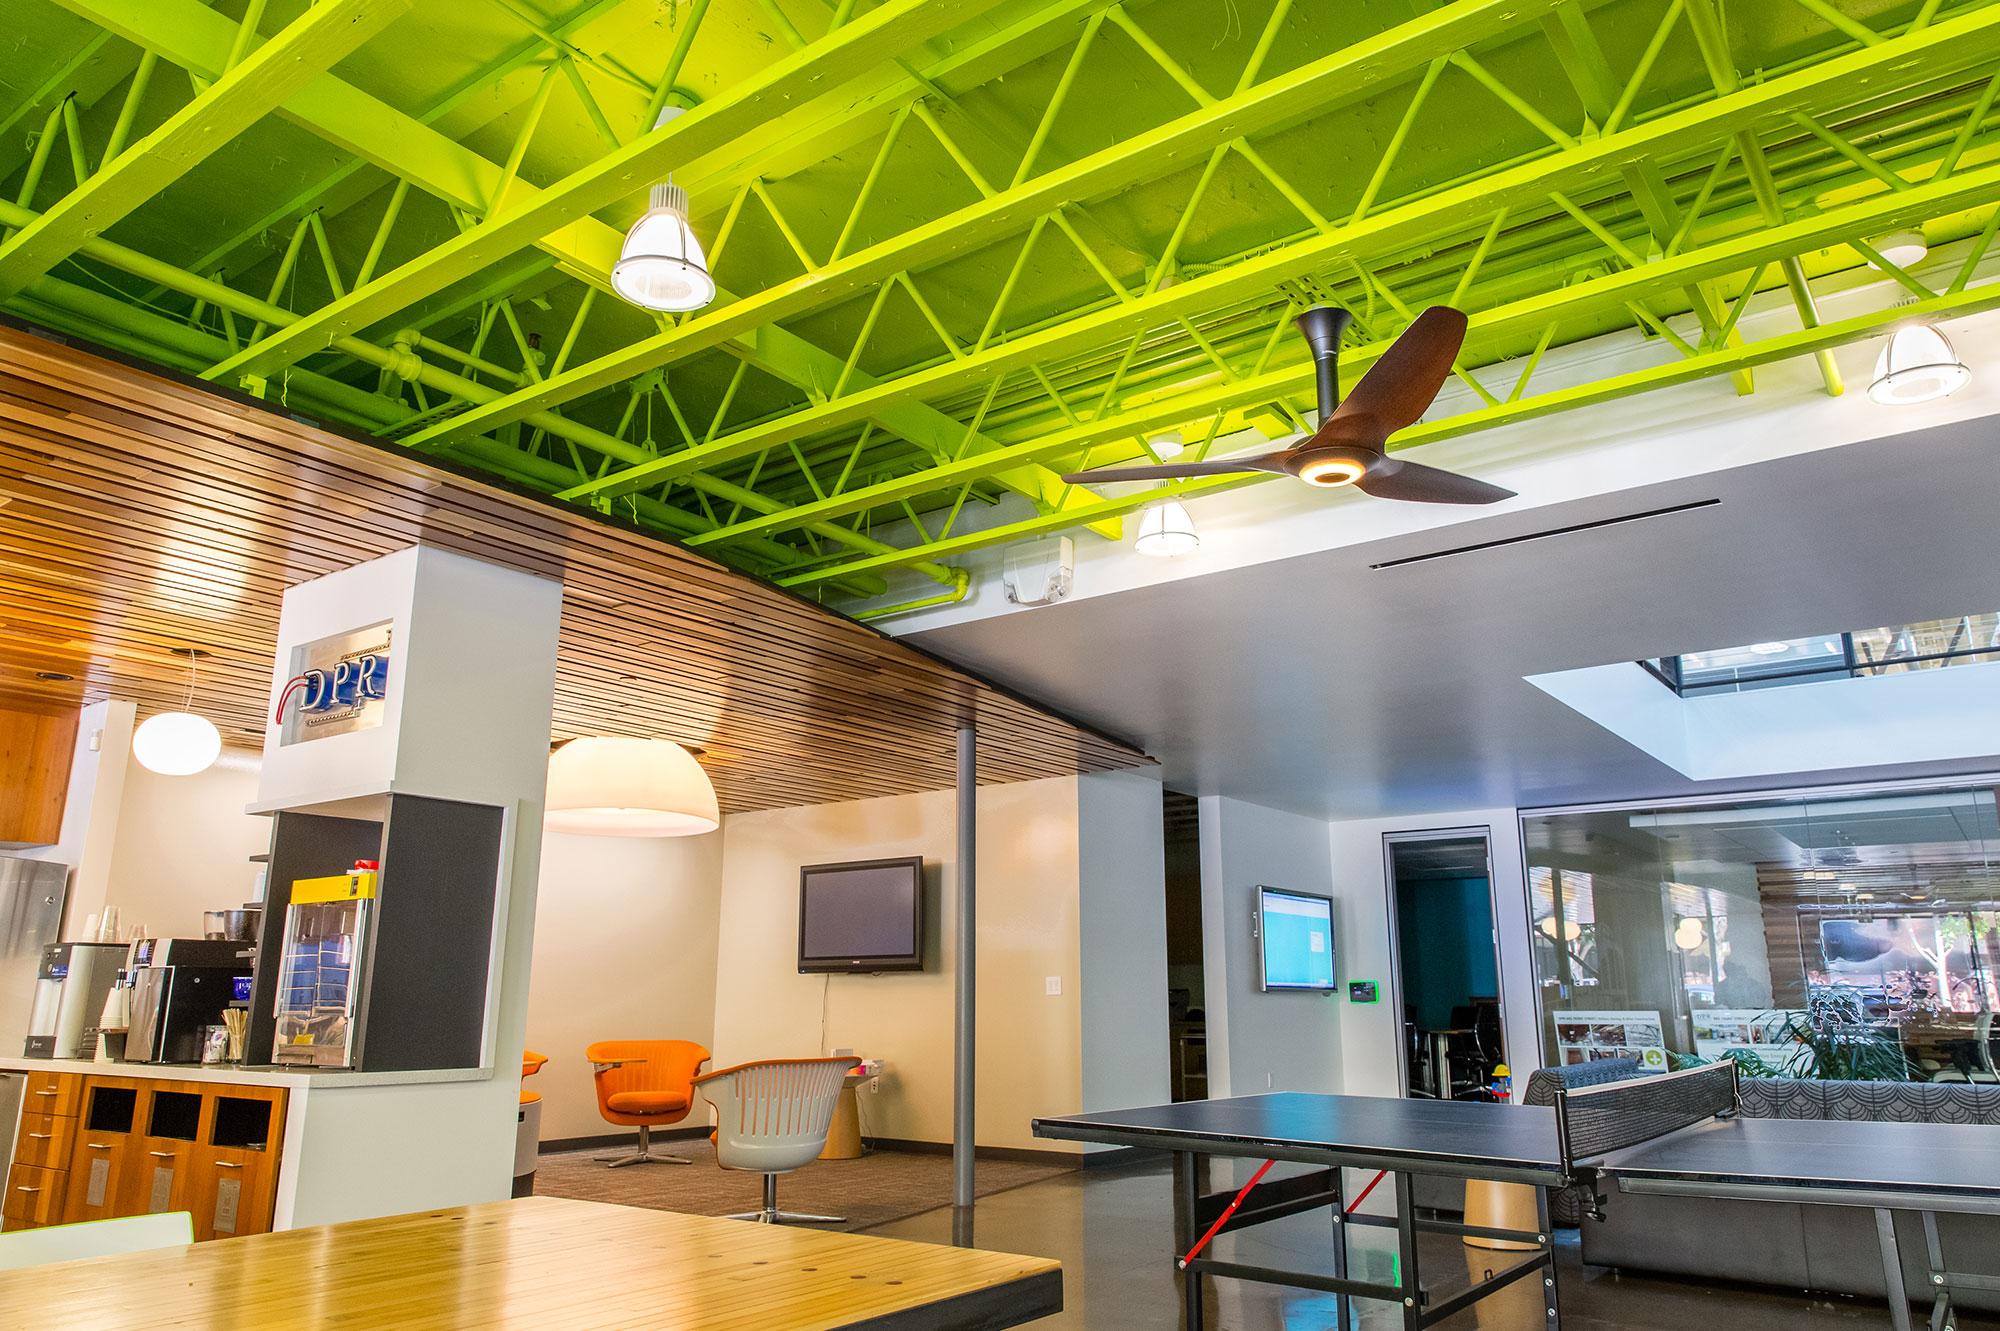 Зеленый потолок в интерьере дома